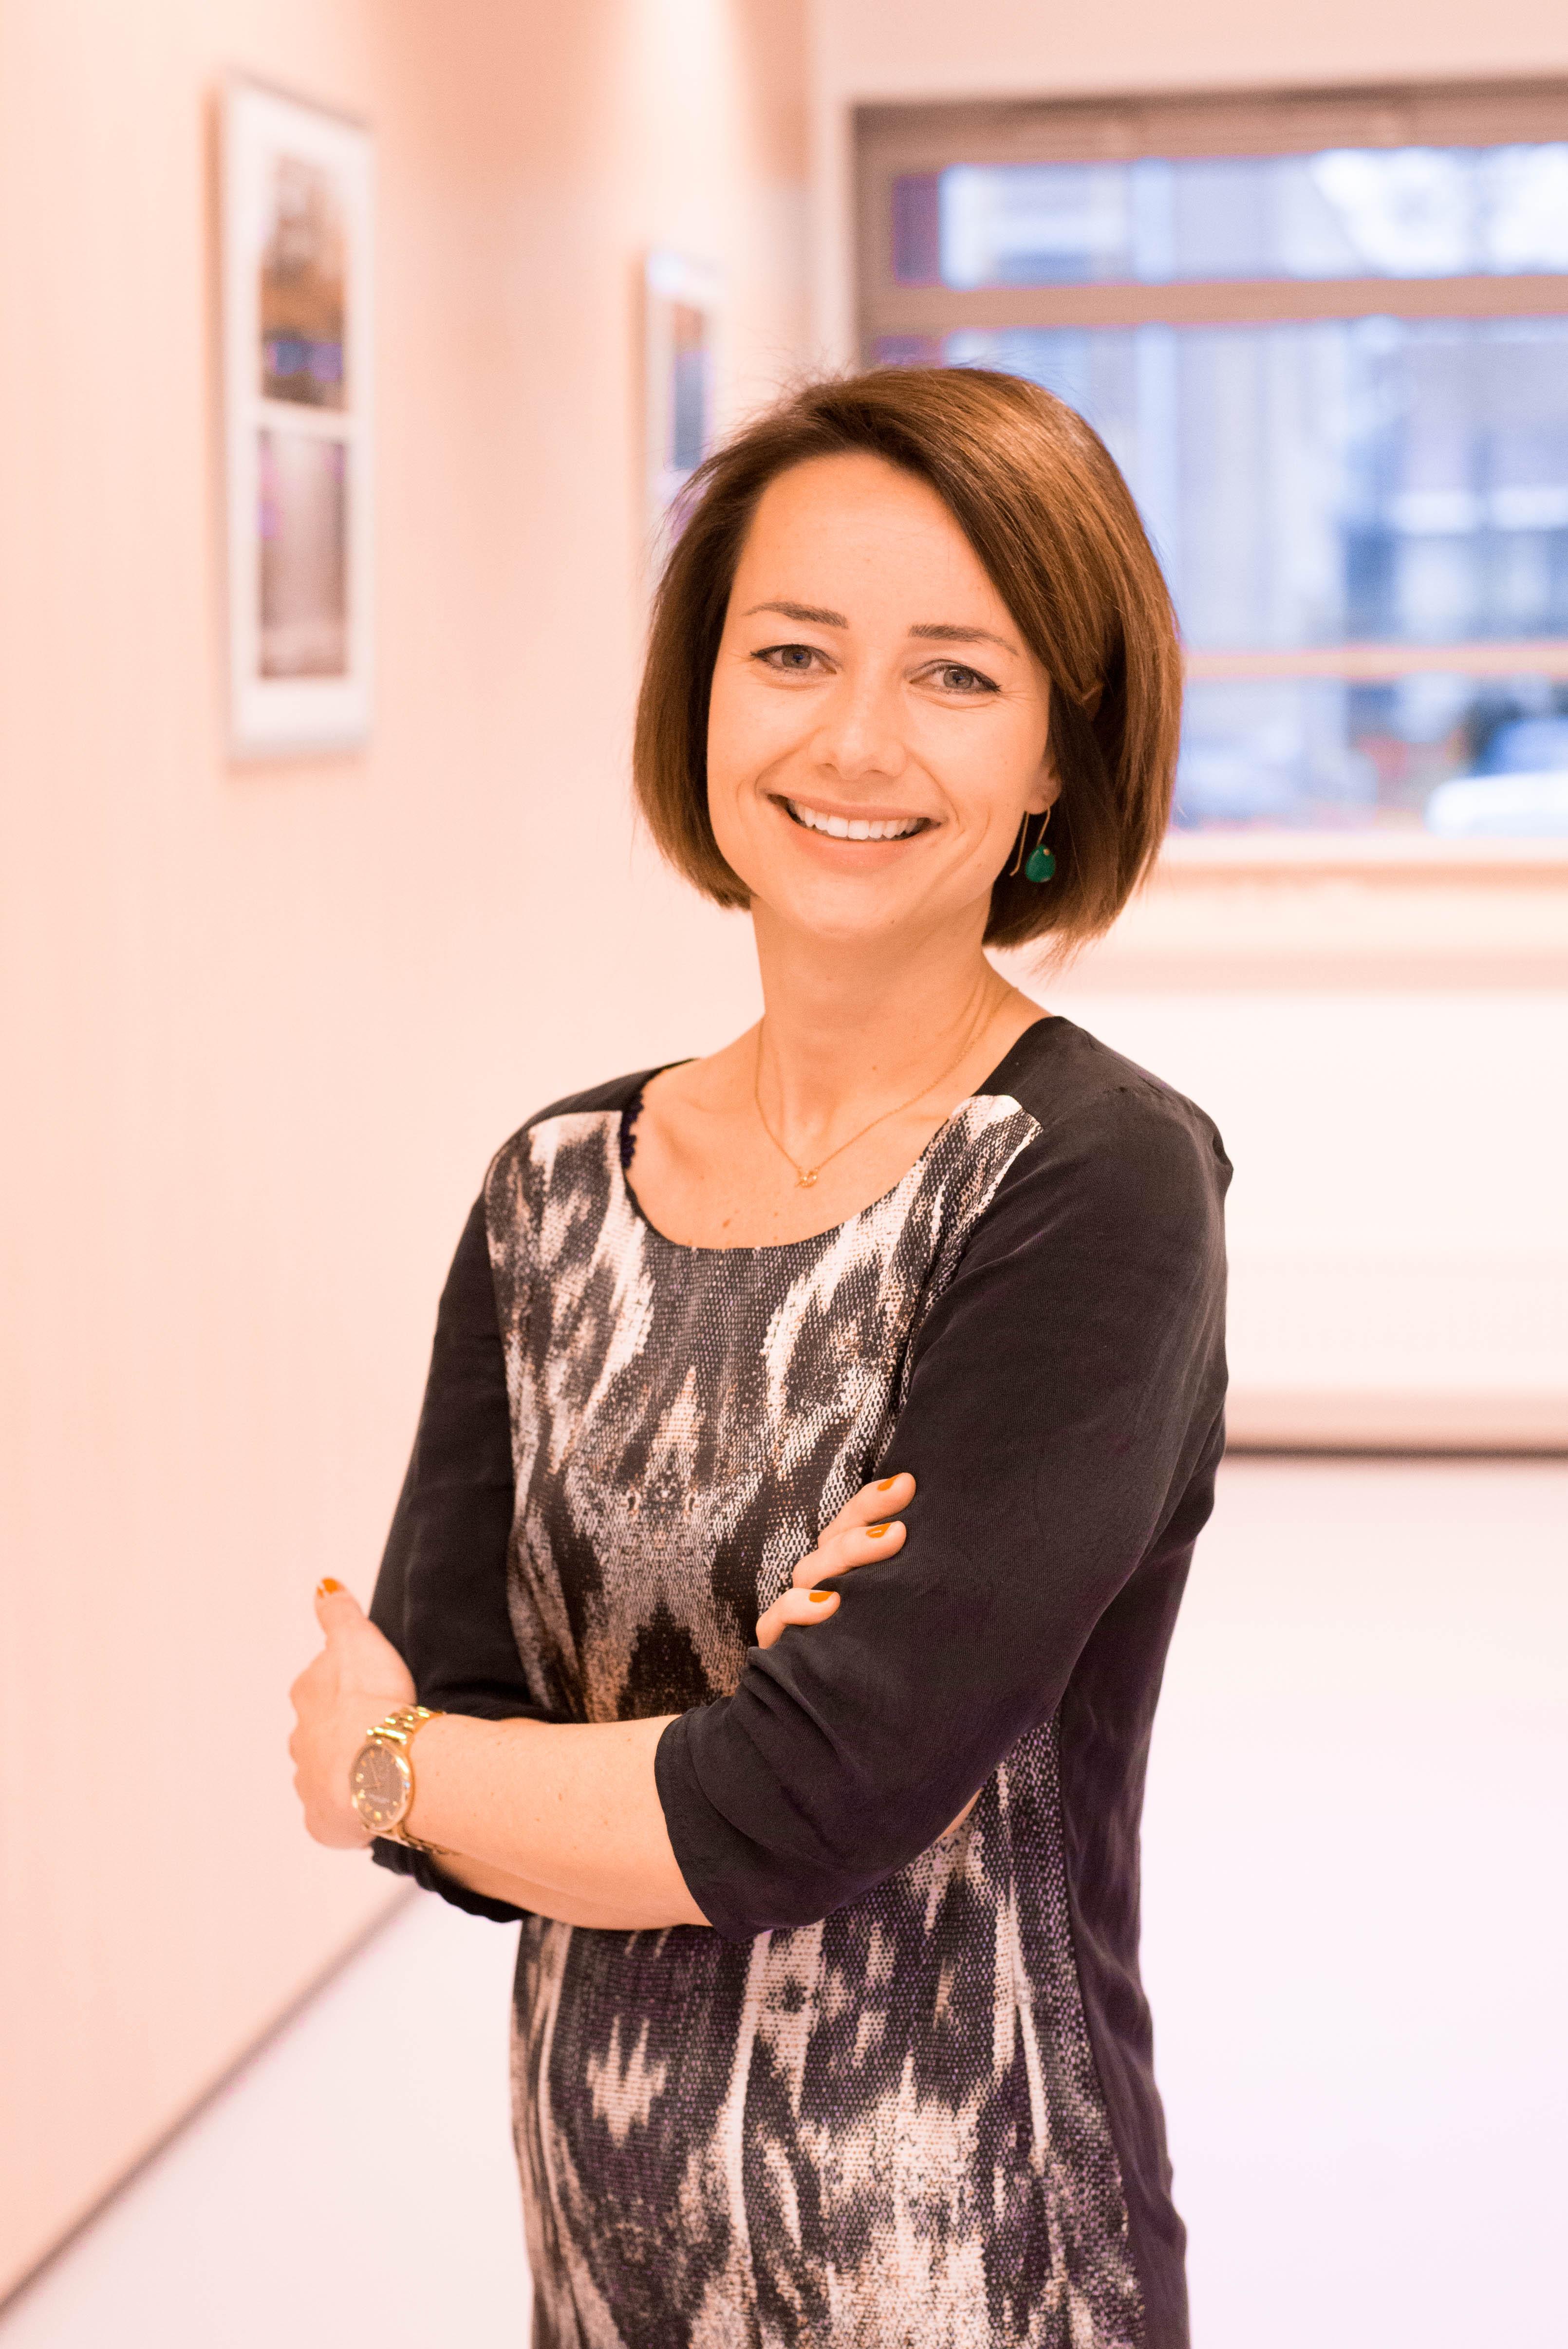 Katleen Horck Brummelhuis